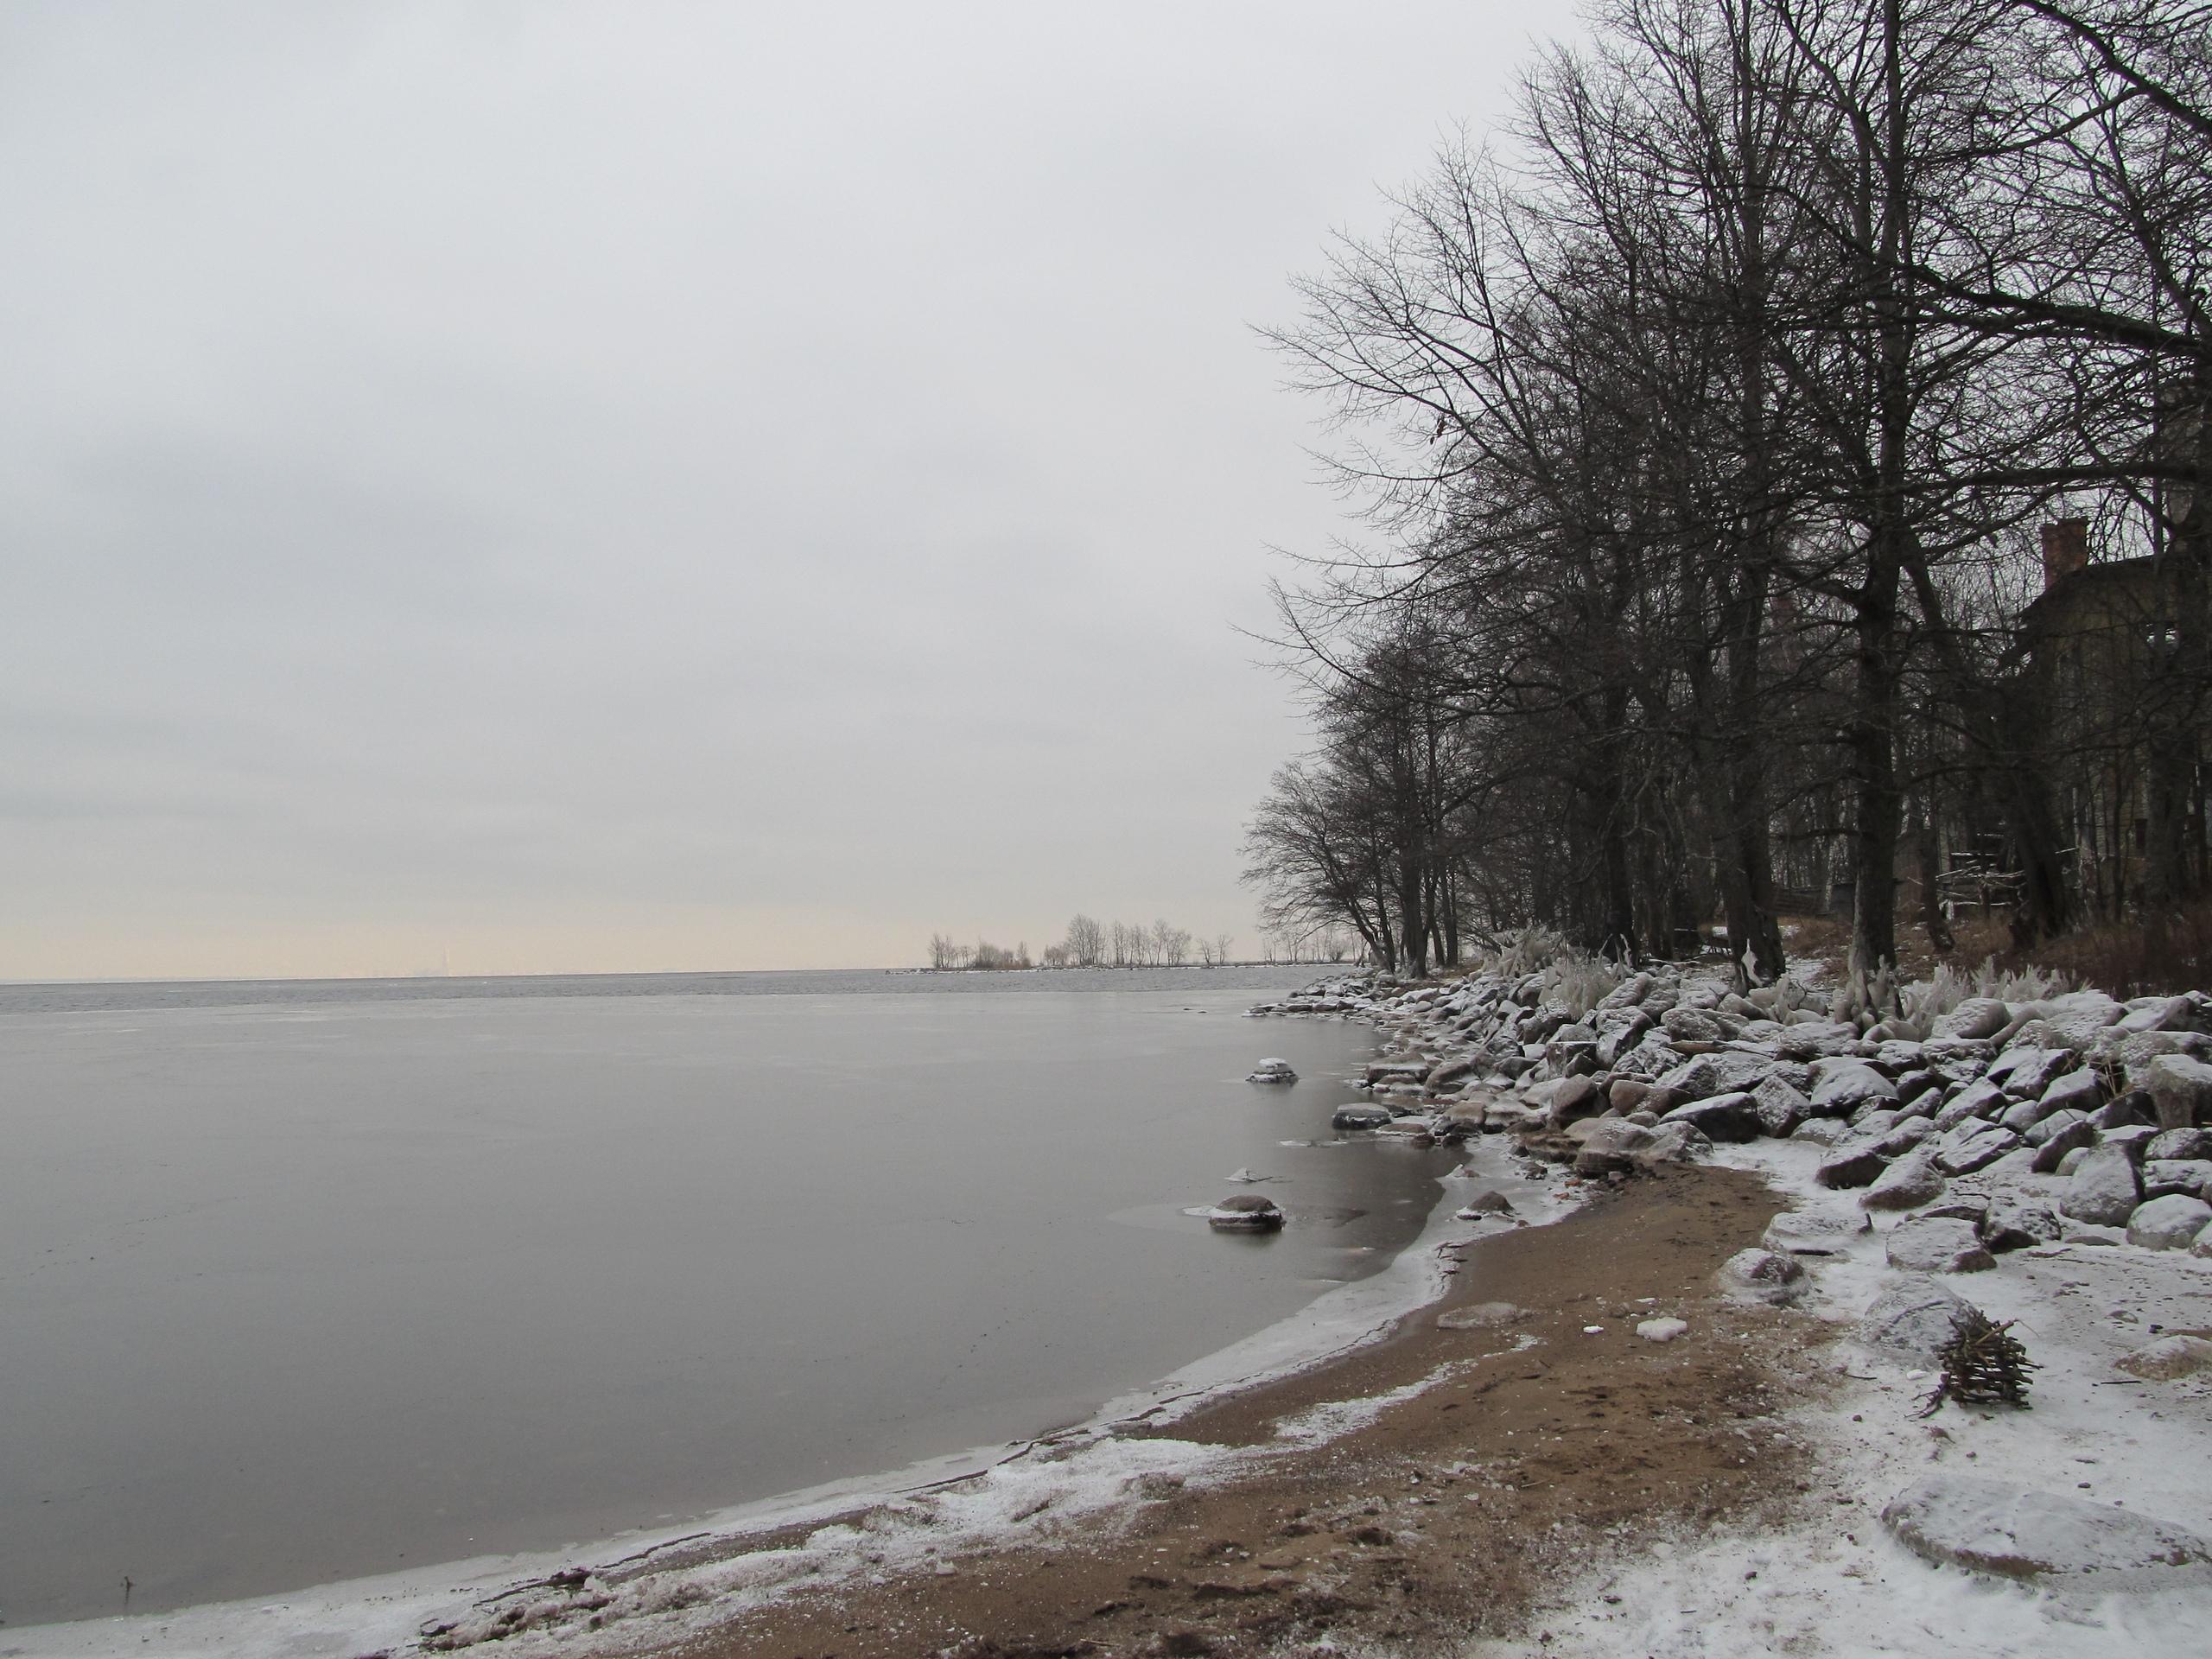 Залив в районе Петергофских дач Бенуа.